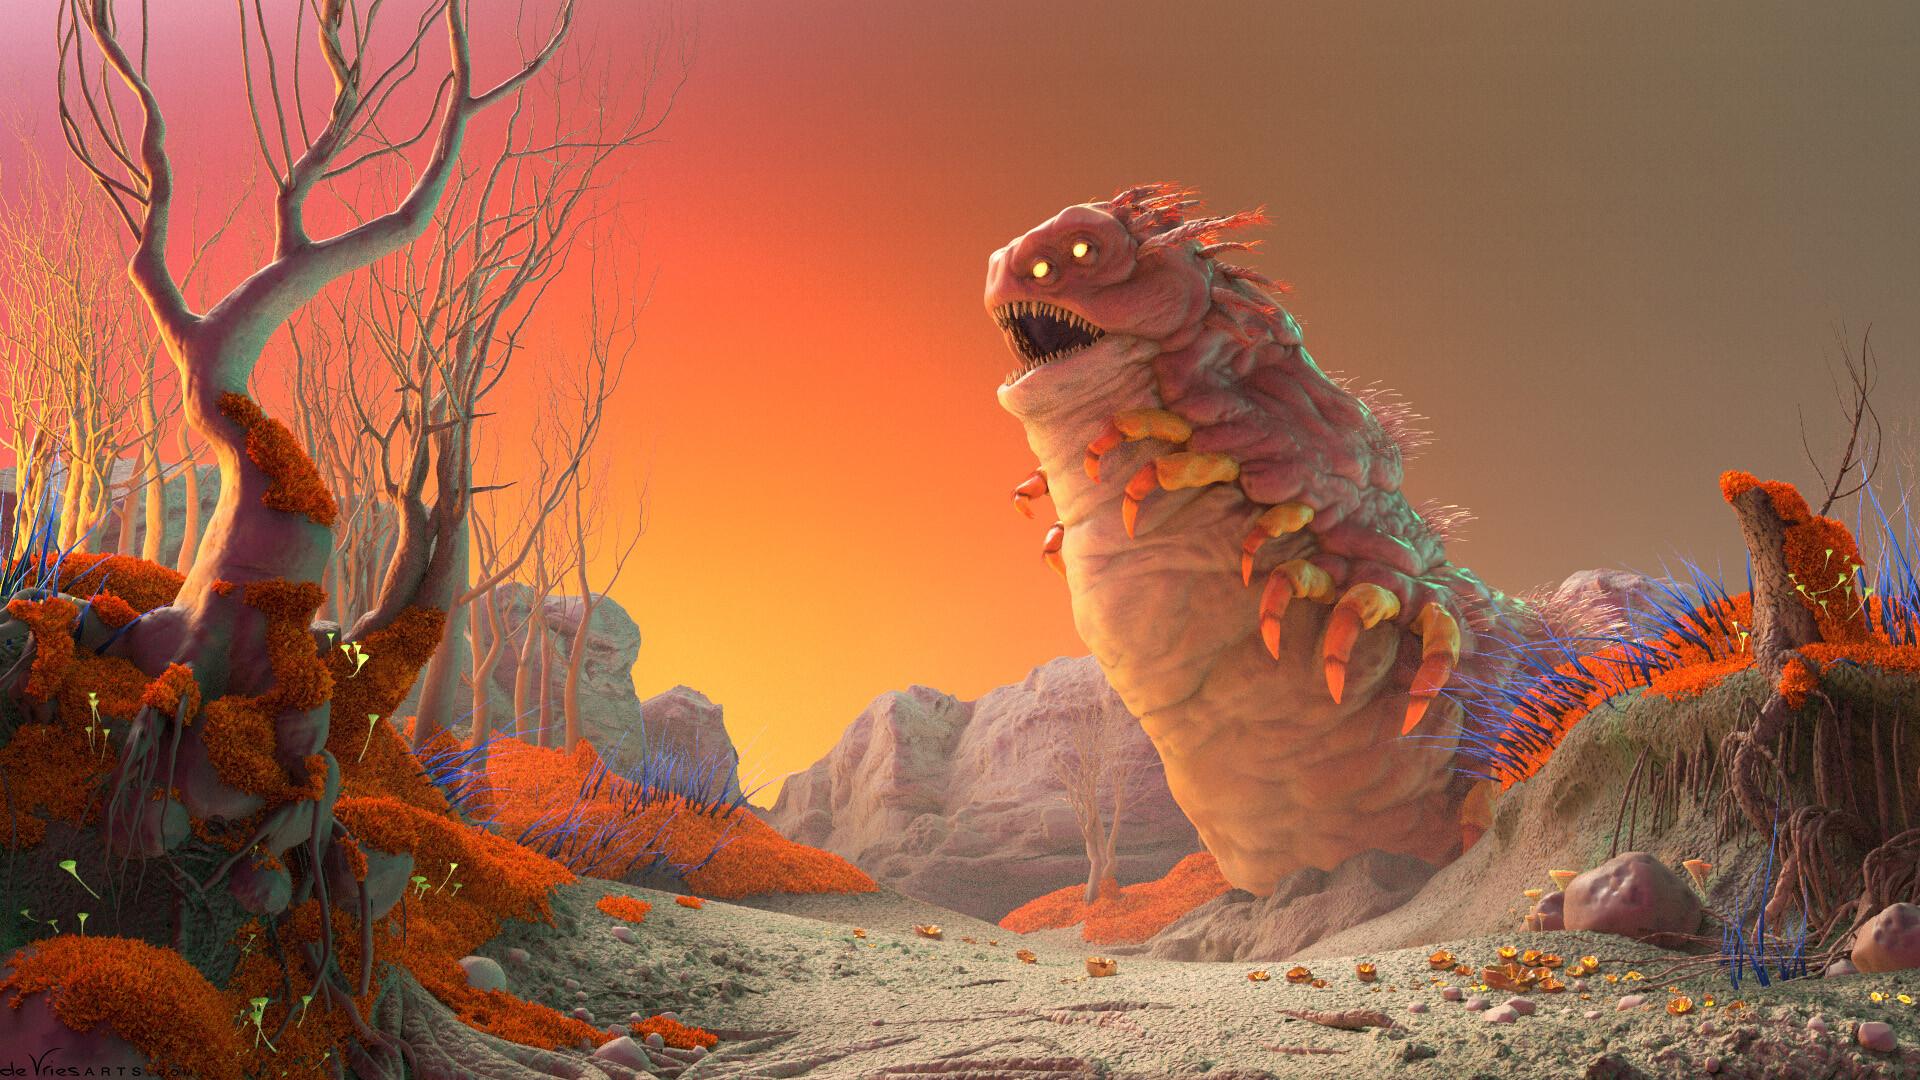 Thijs de vries 04 worm thijsdevries devriesarts